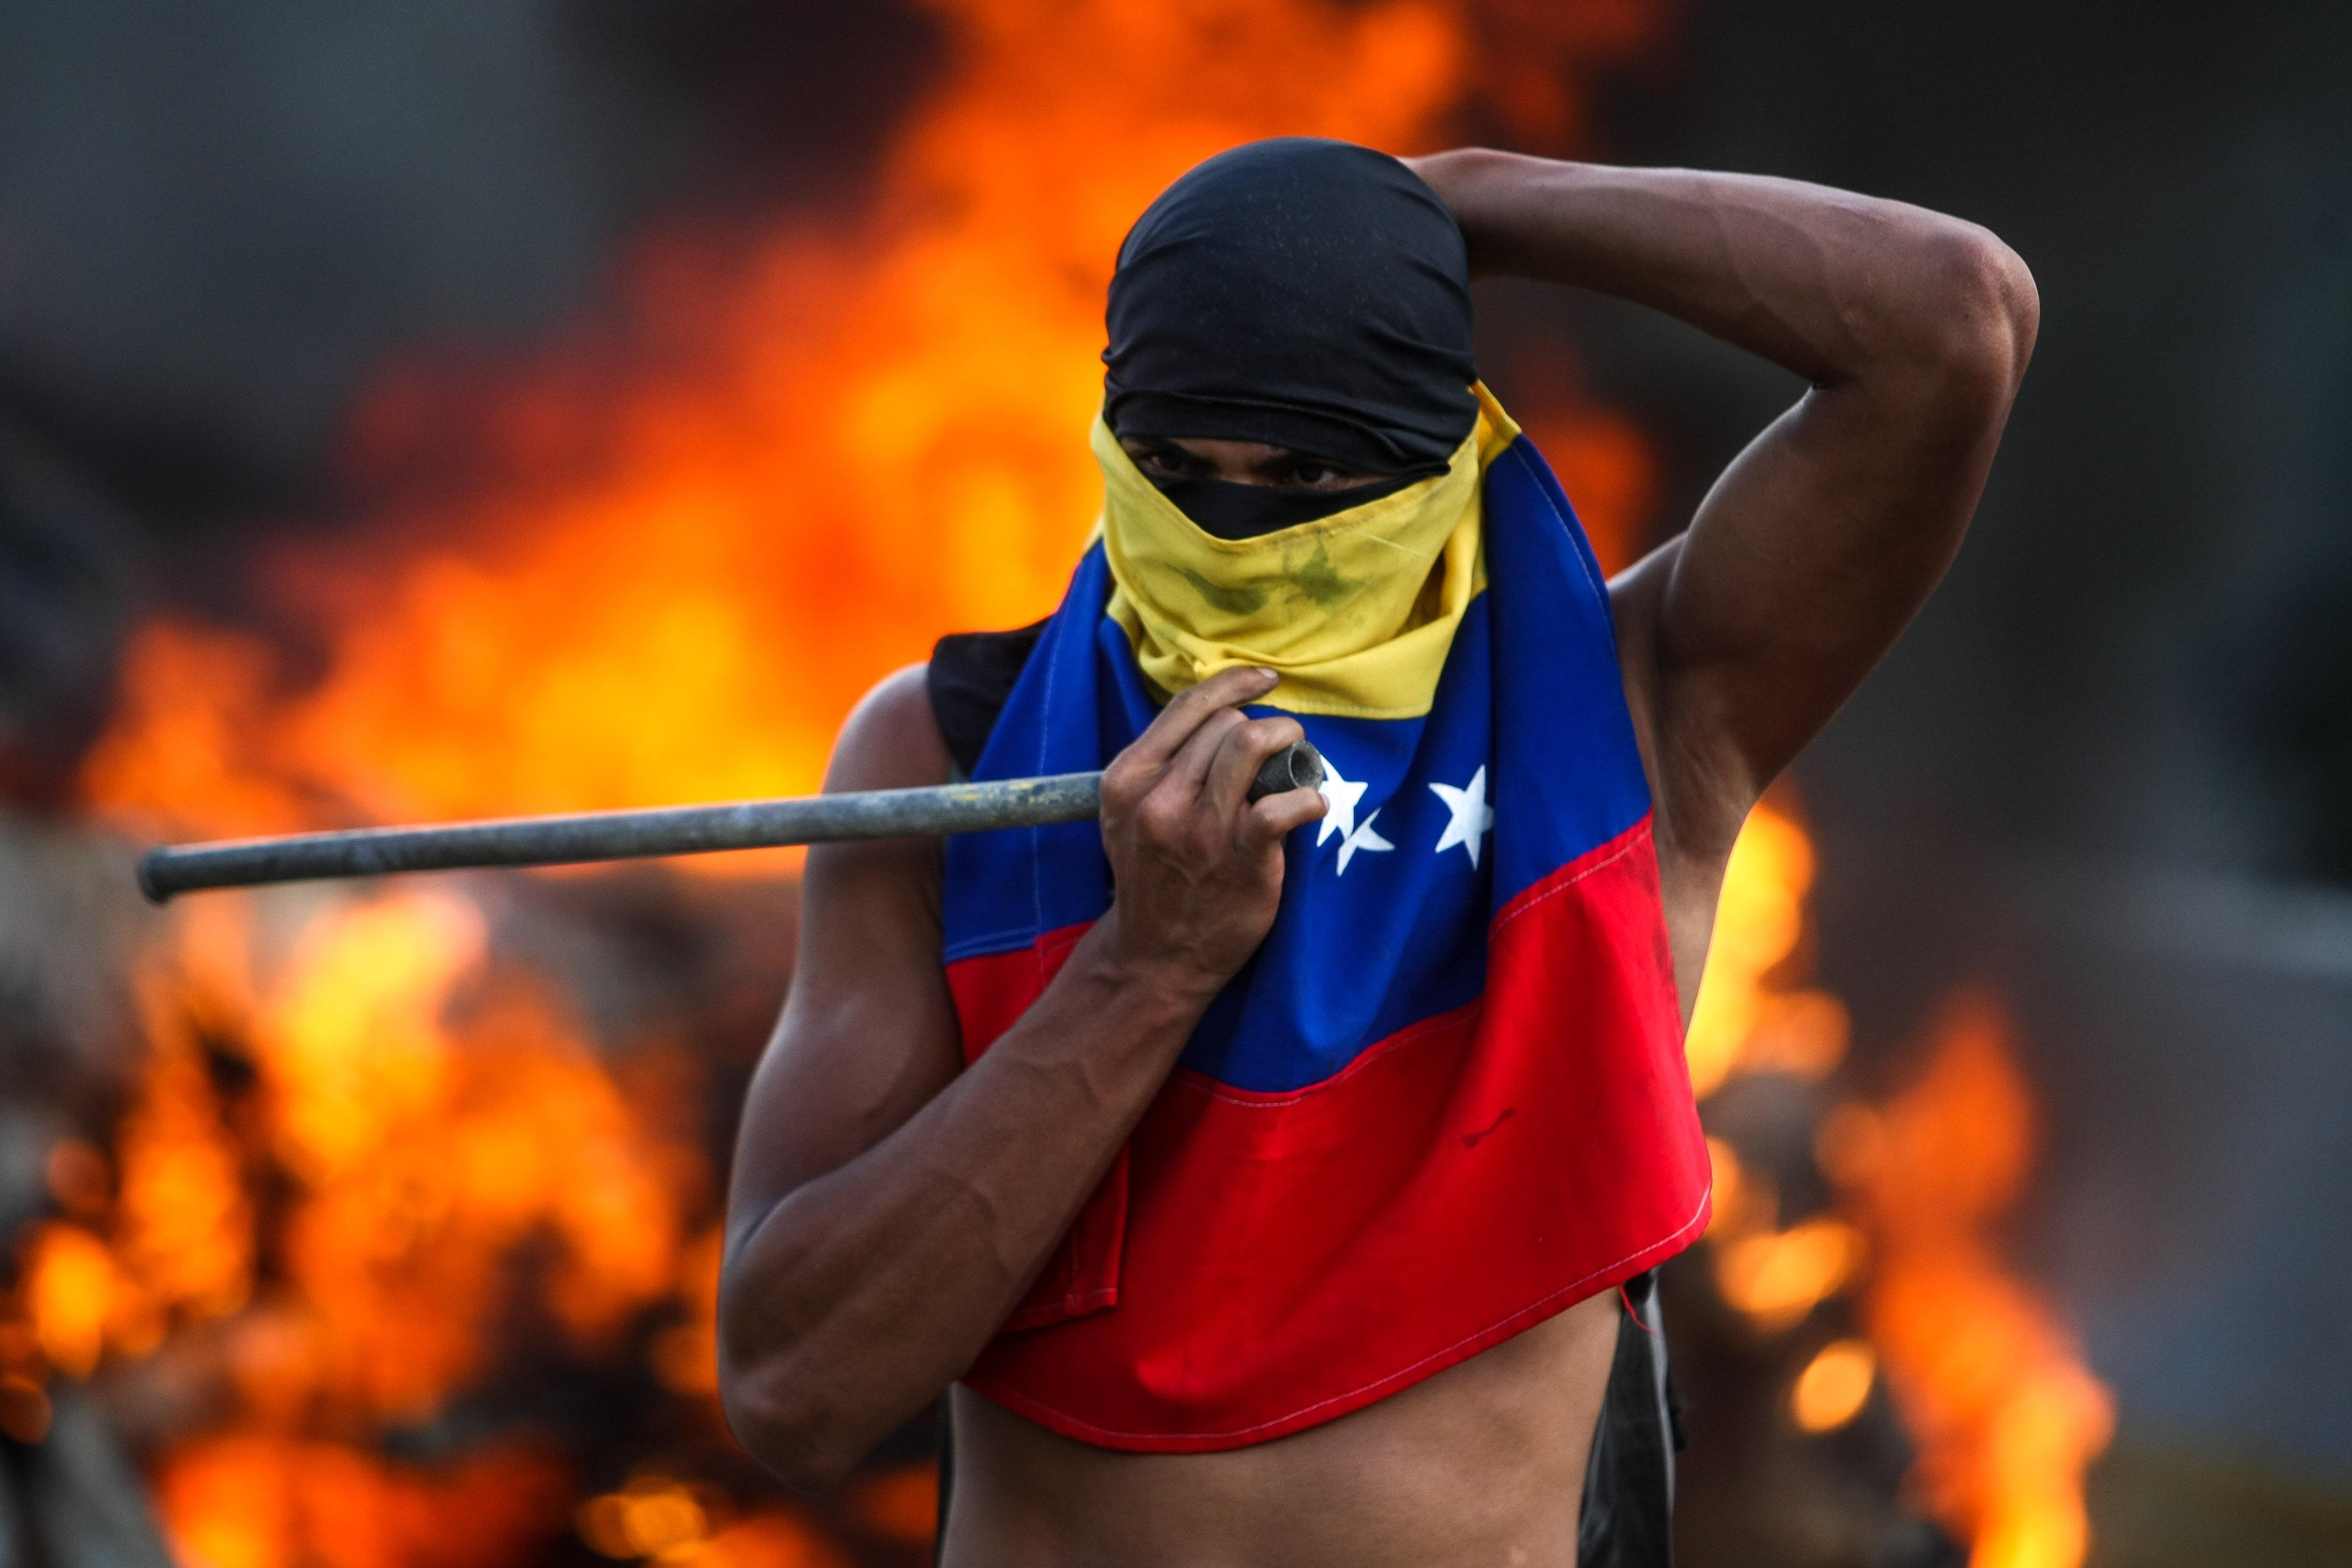 Un home participa en una manifestació contra el govern veneçolà a Caracas (Veneçuela). EFE/ CRISTIAN HERNANDEZ